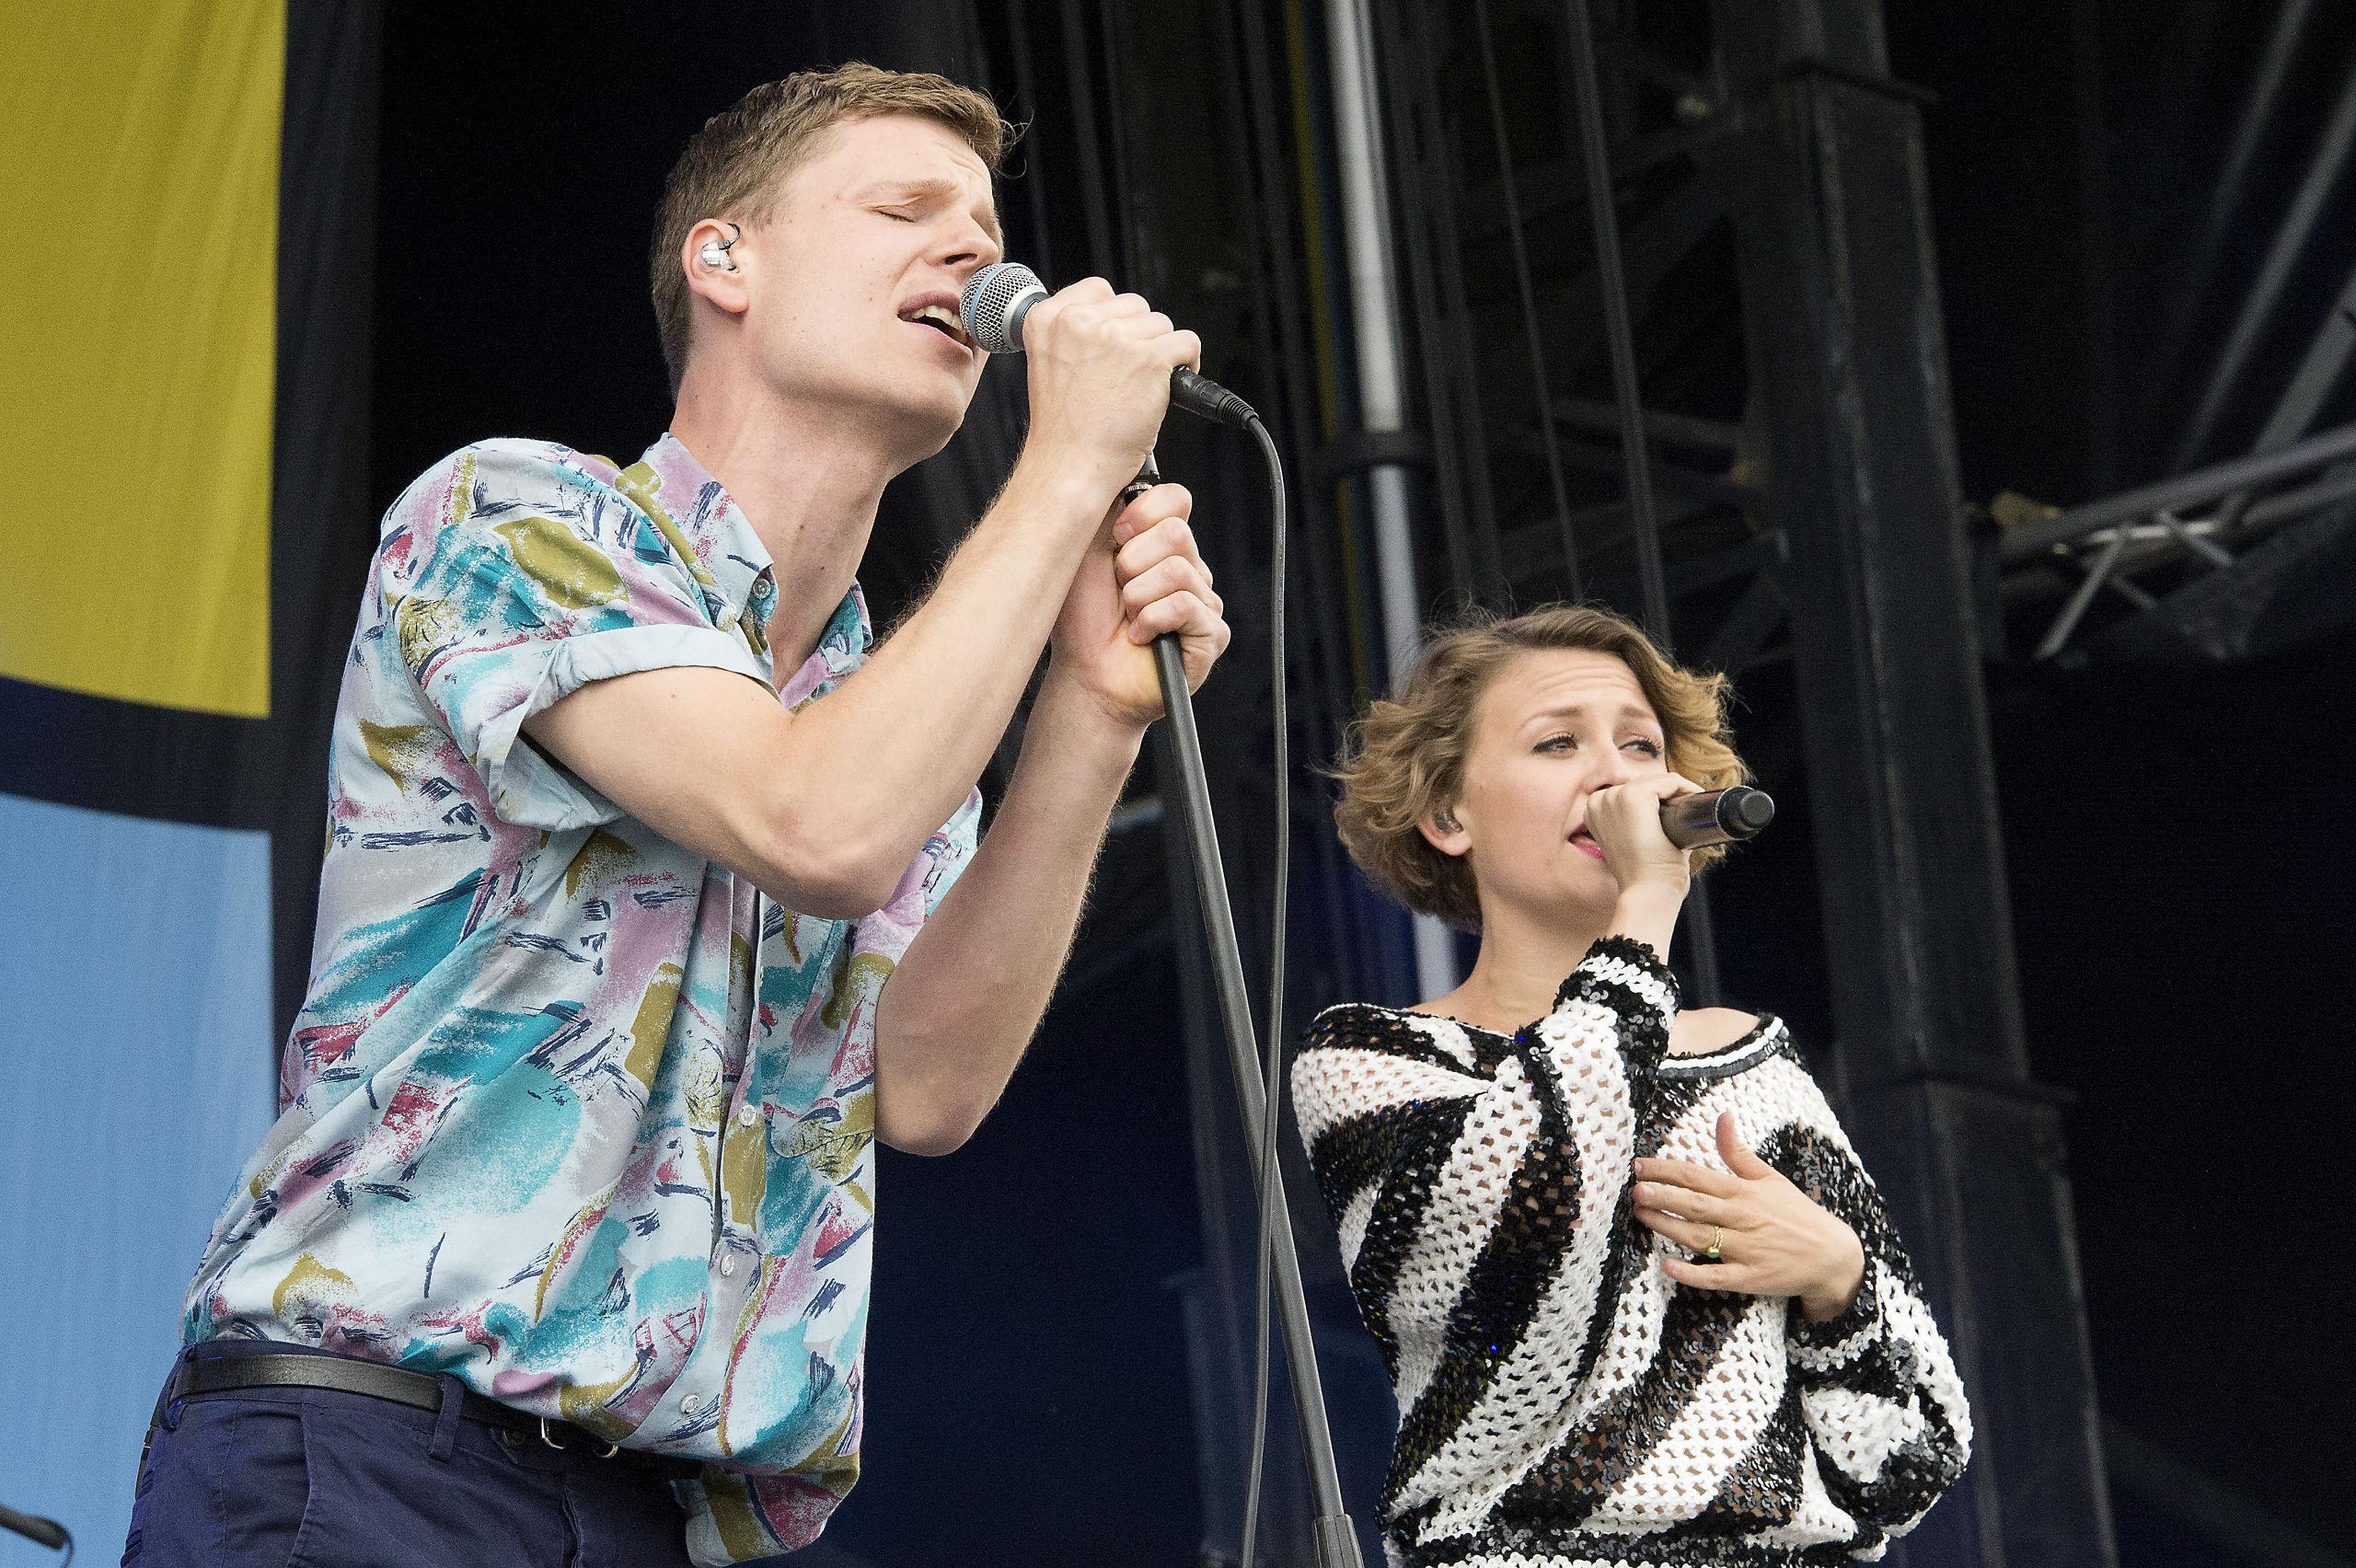 Alphabeat med Stine Bramsen i front gør comeback på Grøn. Arkivfoto: Peter Mørk